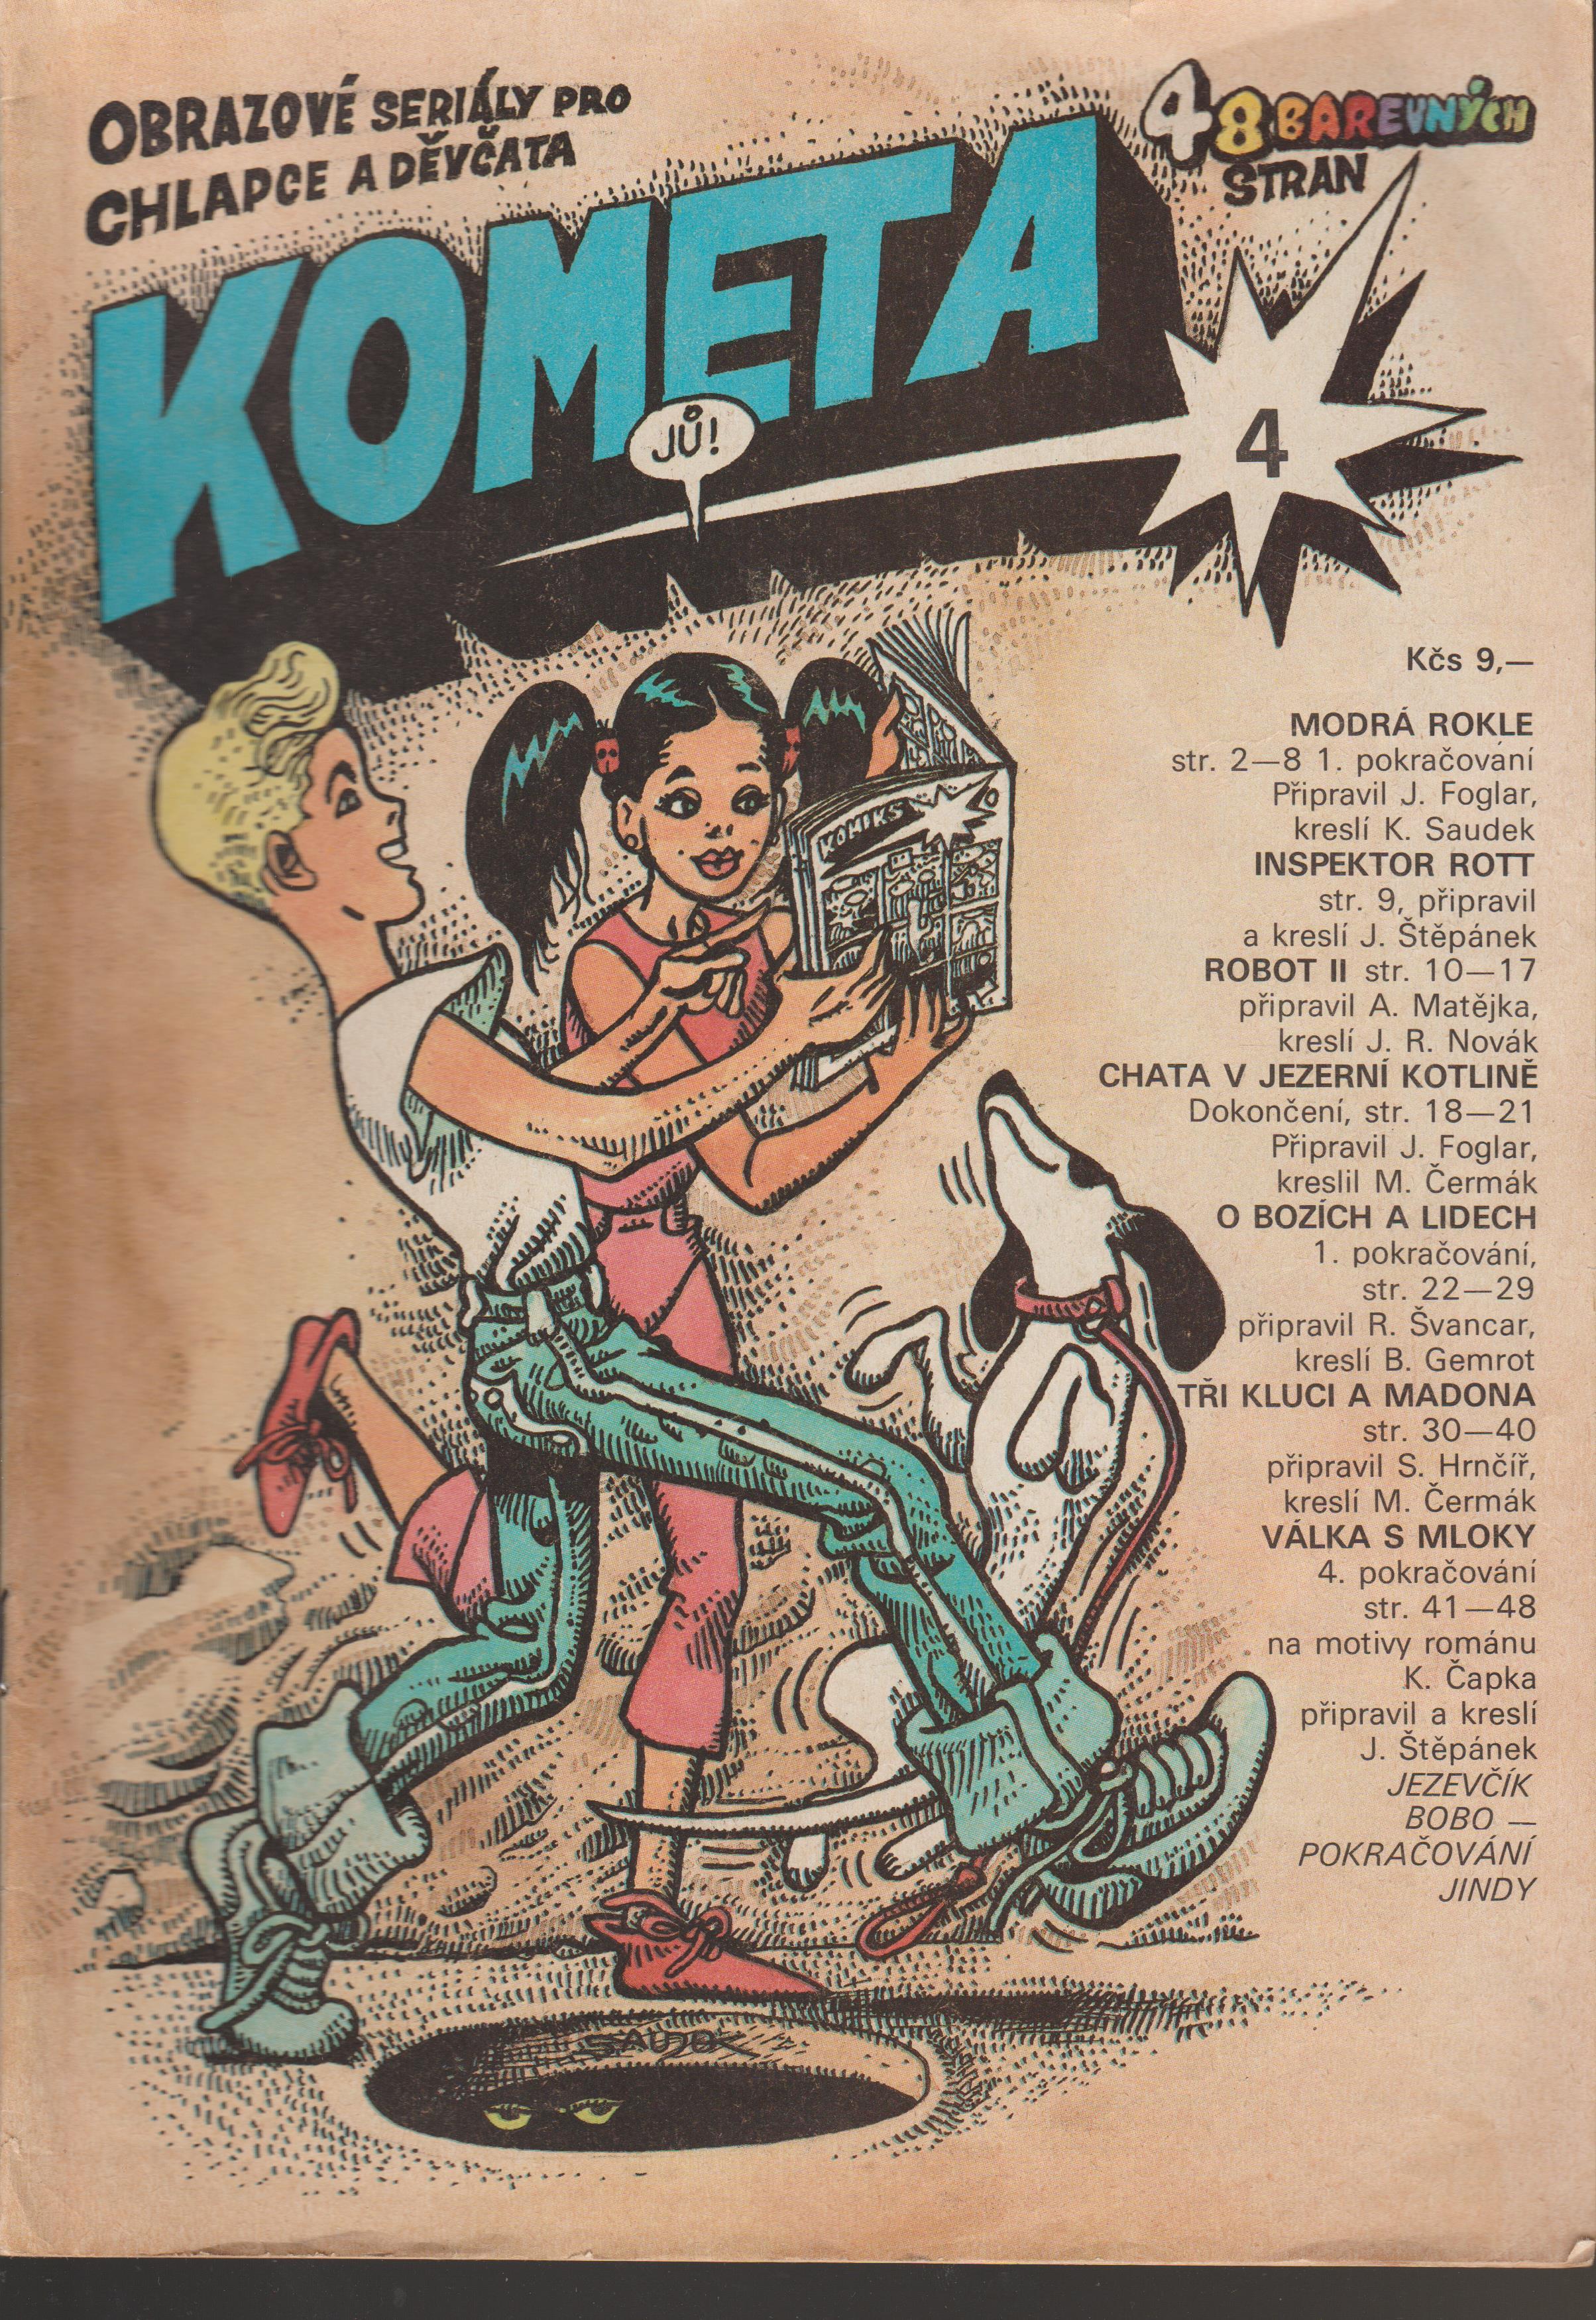 Časopis Kometa č.4 - K. Saudek, J. Foglar a další